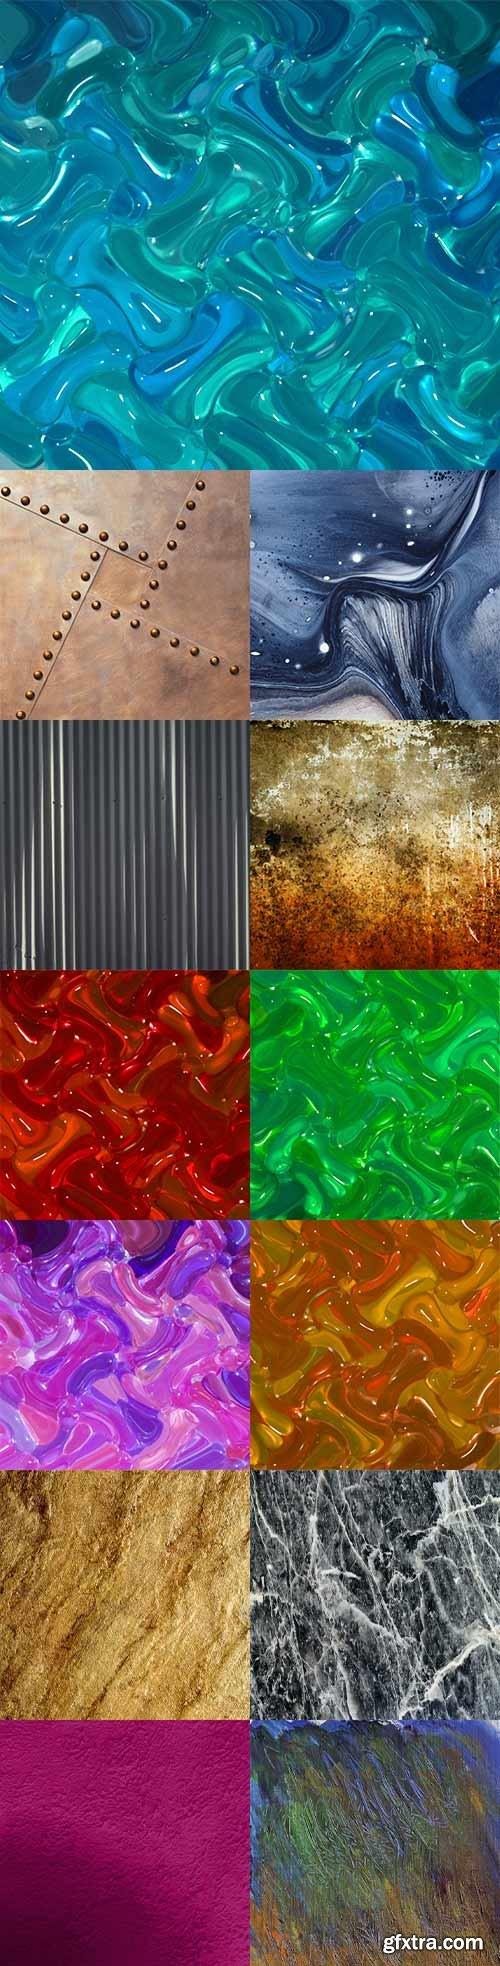 Textures mix - 23